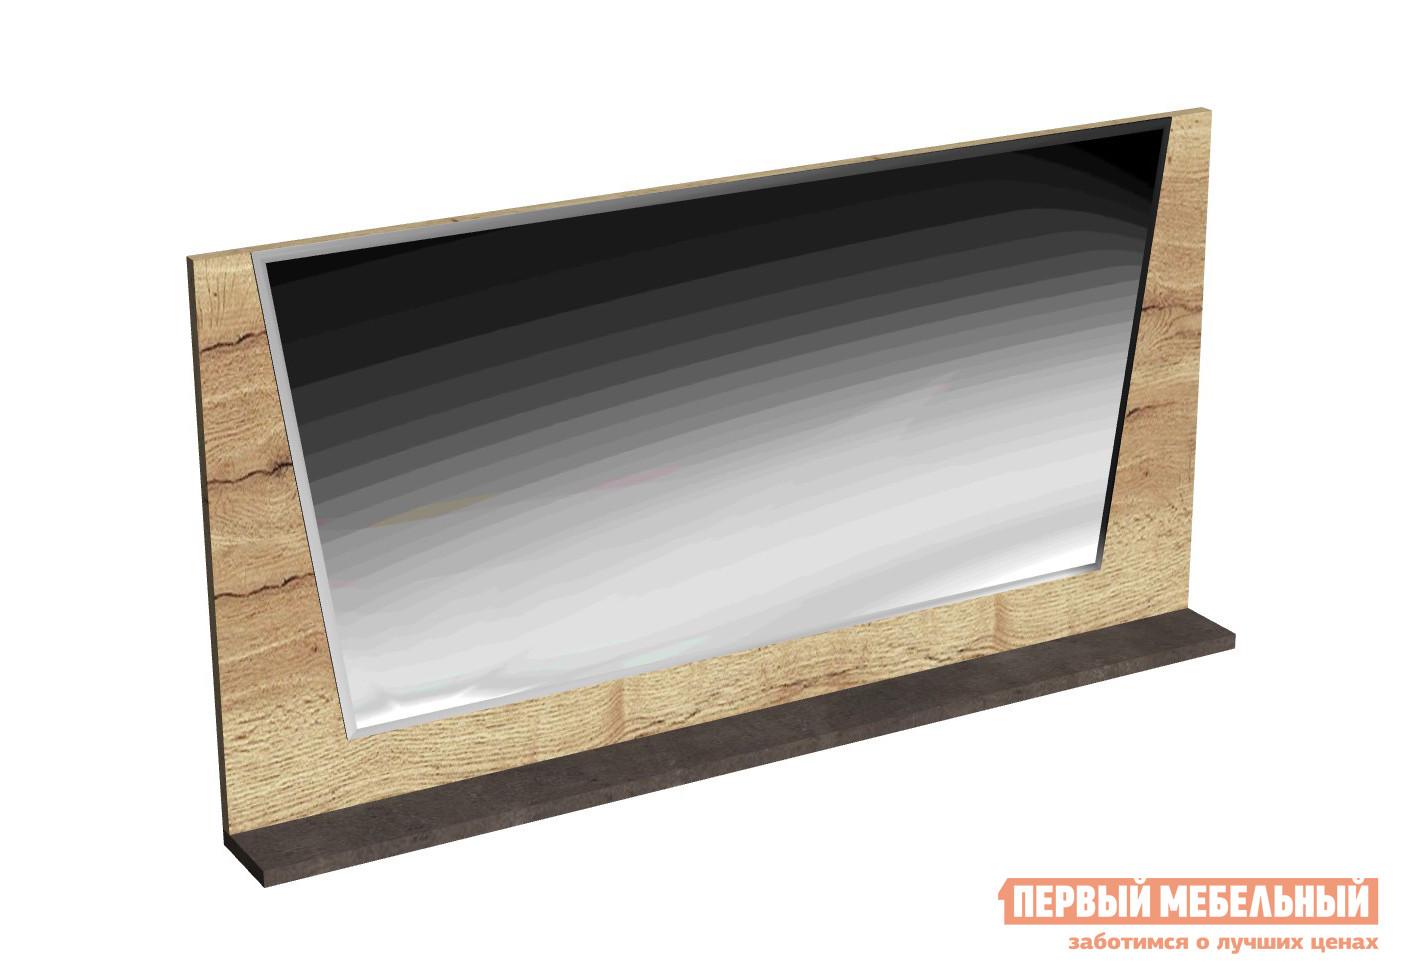 Настенное зеркало Первый Мебельный Стреза 6 настенное зеркало первый мебельный зеркало диана